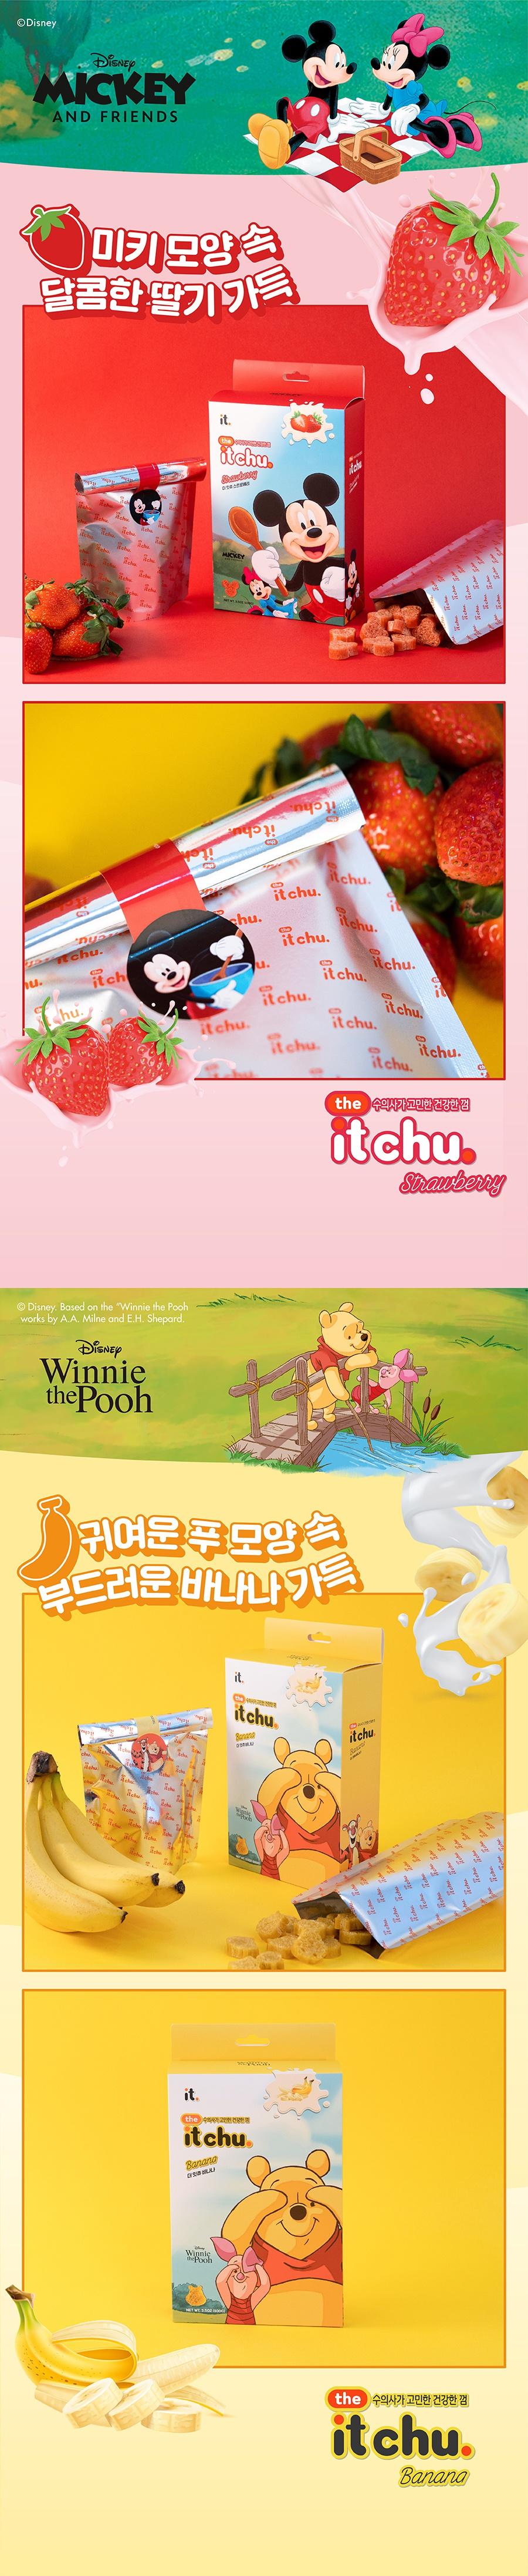 it 잇츄 디즈니 (딸기/바나나/블루베리)-상품이미지-3